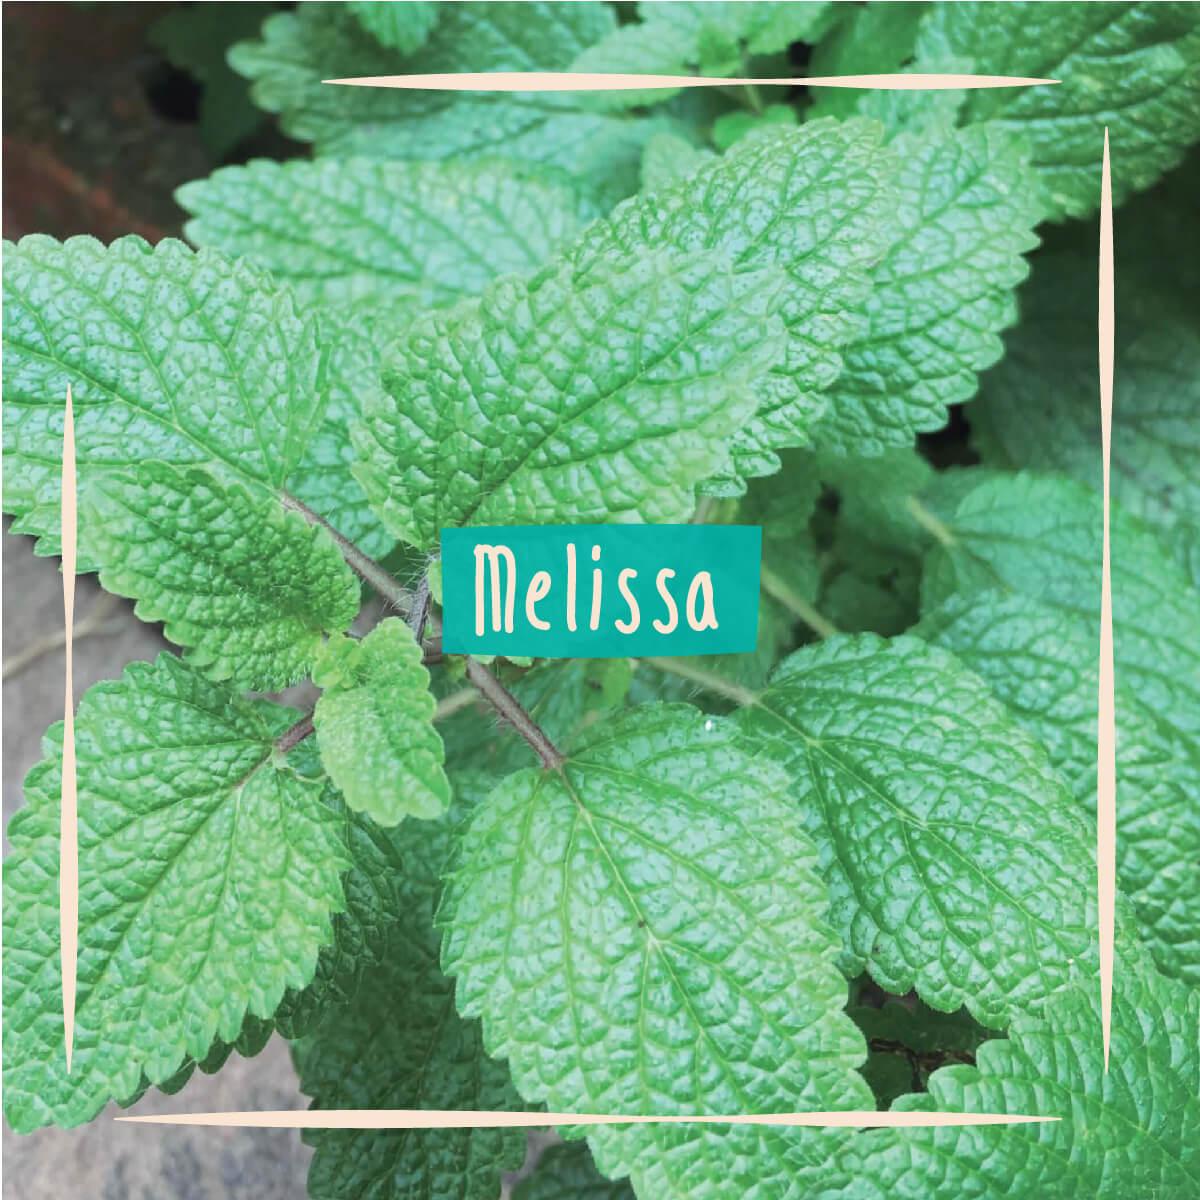 Sementes para plantar Melissa em vasos autoirrigáveis RAIZ  - Vasos Raiz Loja Oficial